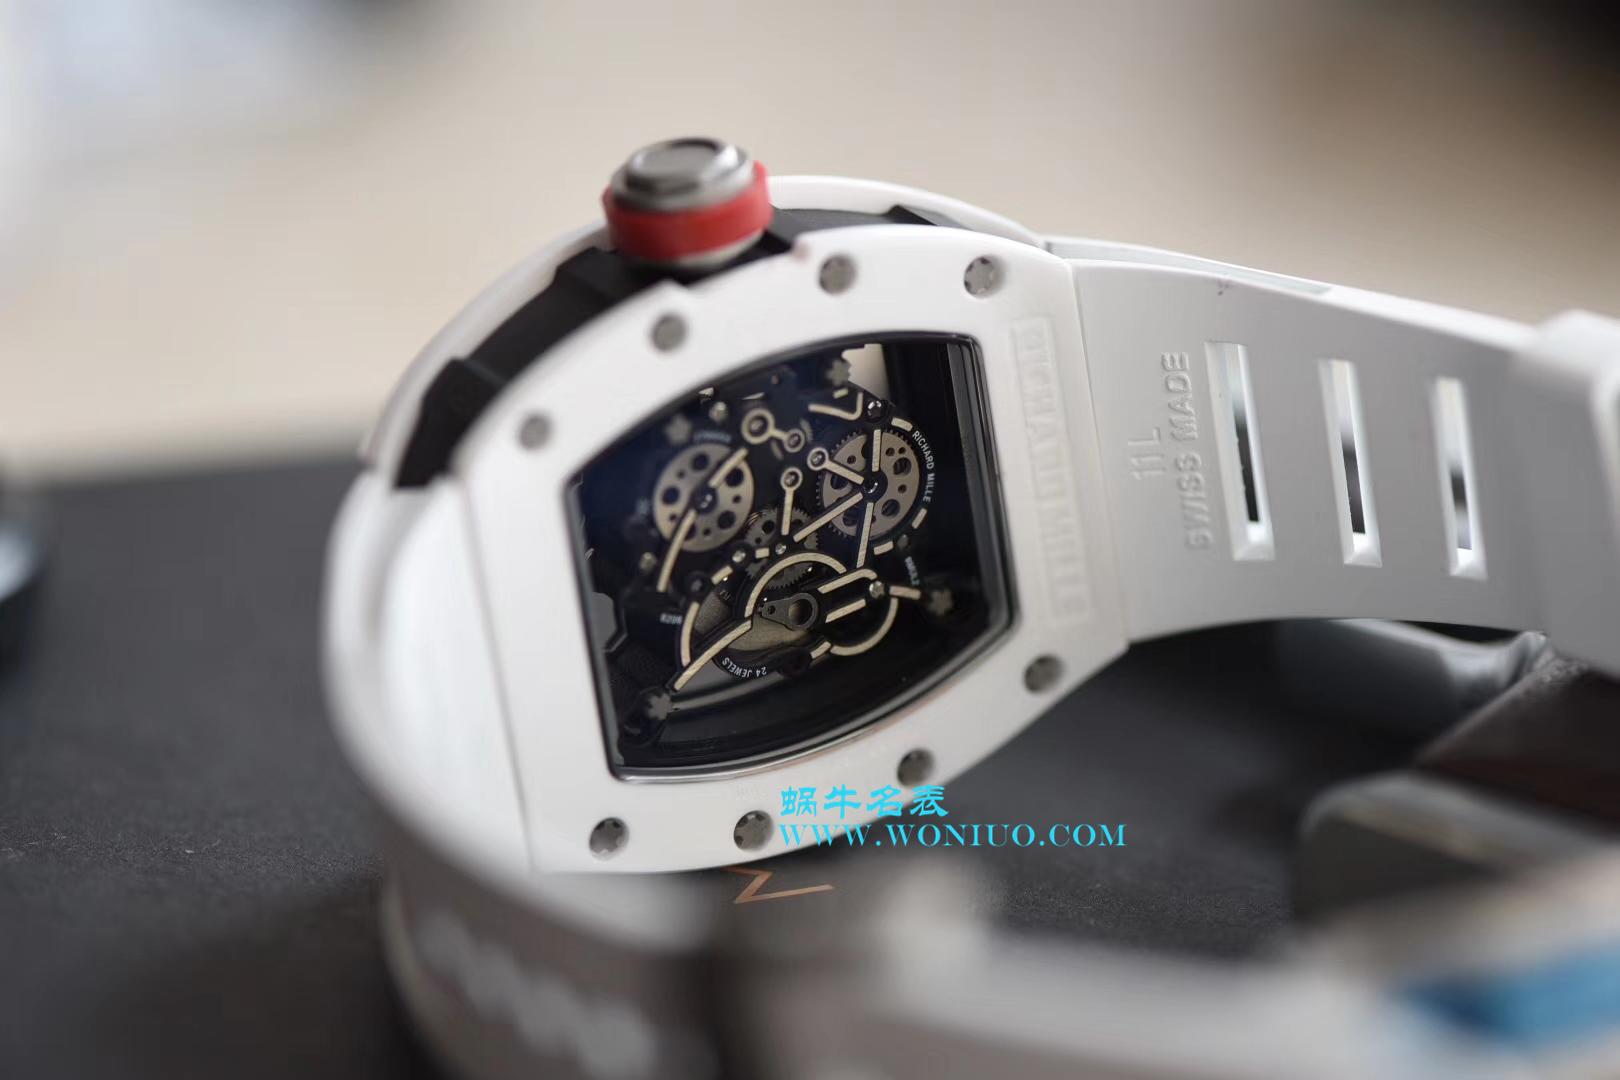 【KV厂顶级复刻手表】理查德.米勒RICHARD MILLE男士系列RM 055白陶瓷白色橡胶带新款腕表 / RM 055D